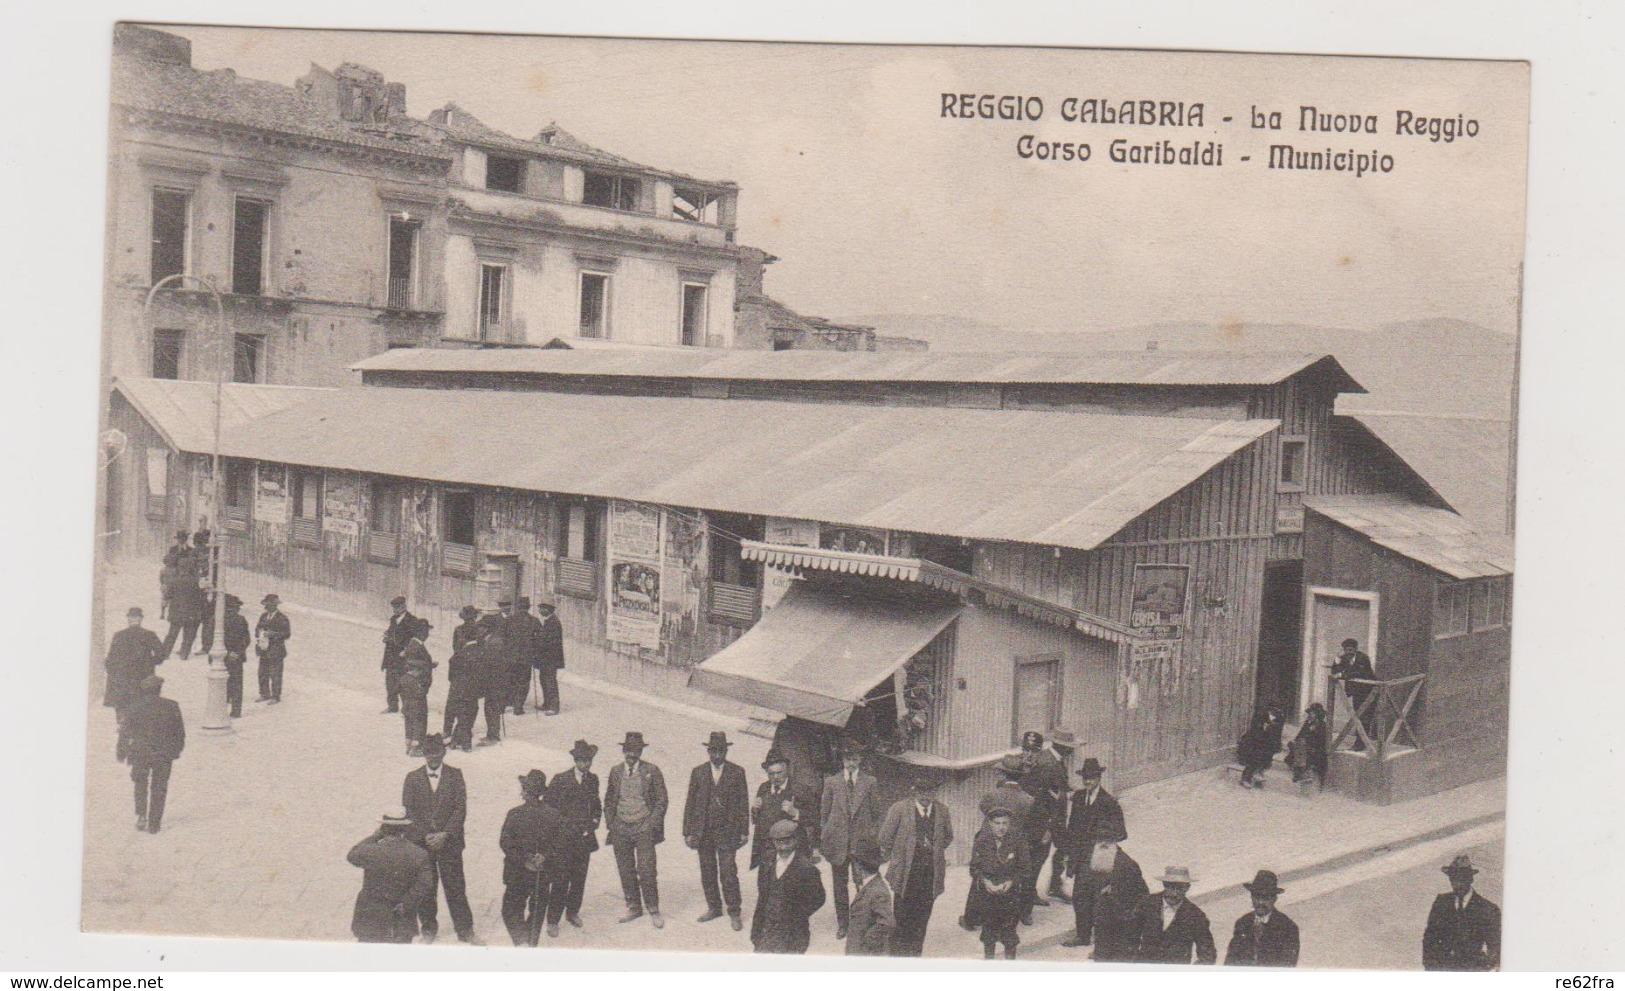 Reggio Calabria, La Nuova Reggio, Corso Garibaldi - Municipio  - F.p. -  Anni '1908-1910 - Reggio Calabria